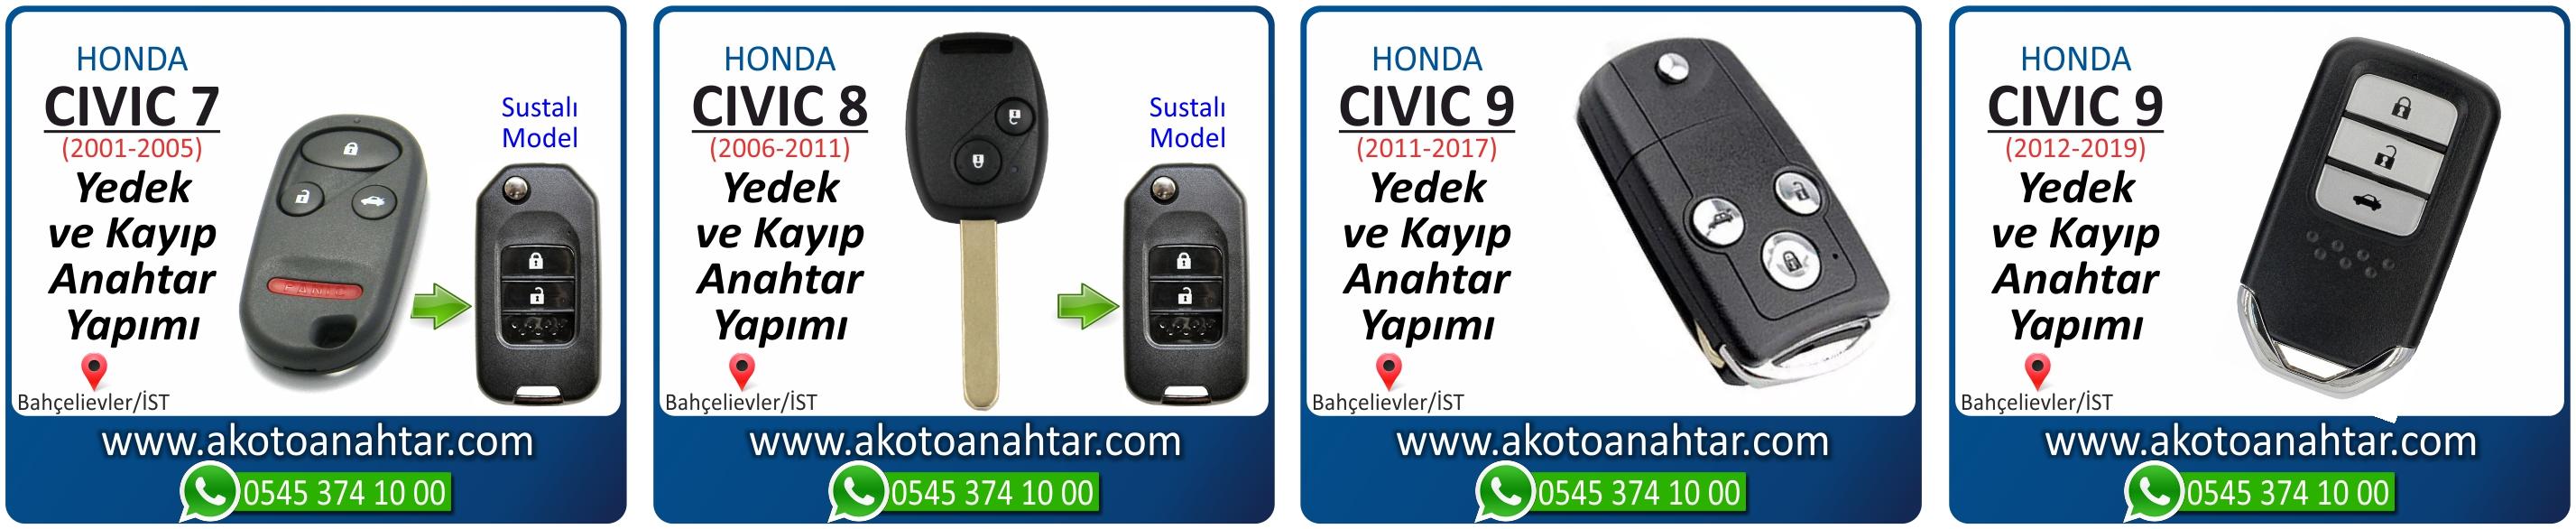 honda civic anahtari - Honda Civic Smart Anahtarı | Yedek ve Kayıp Anahtar Yapımı